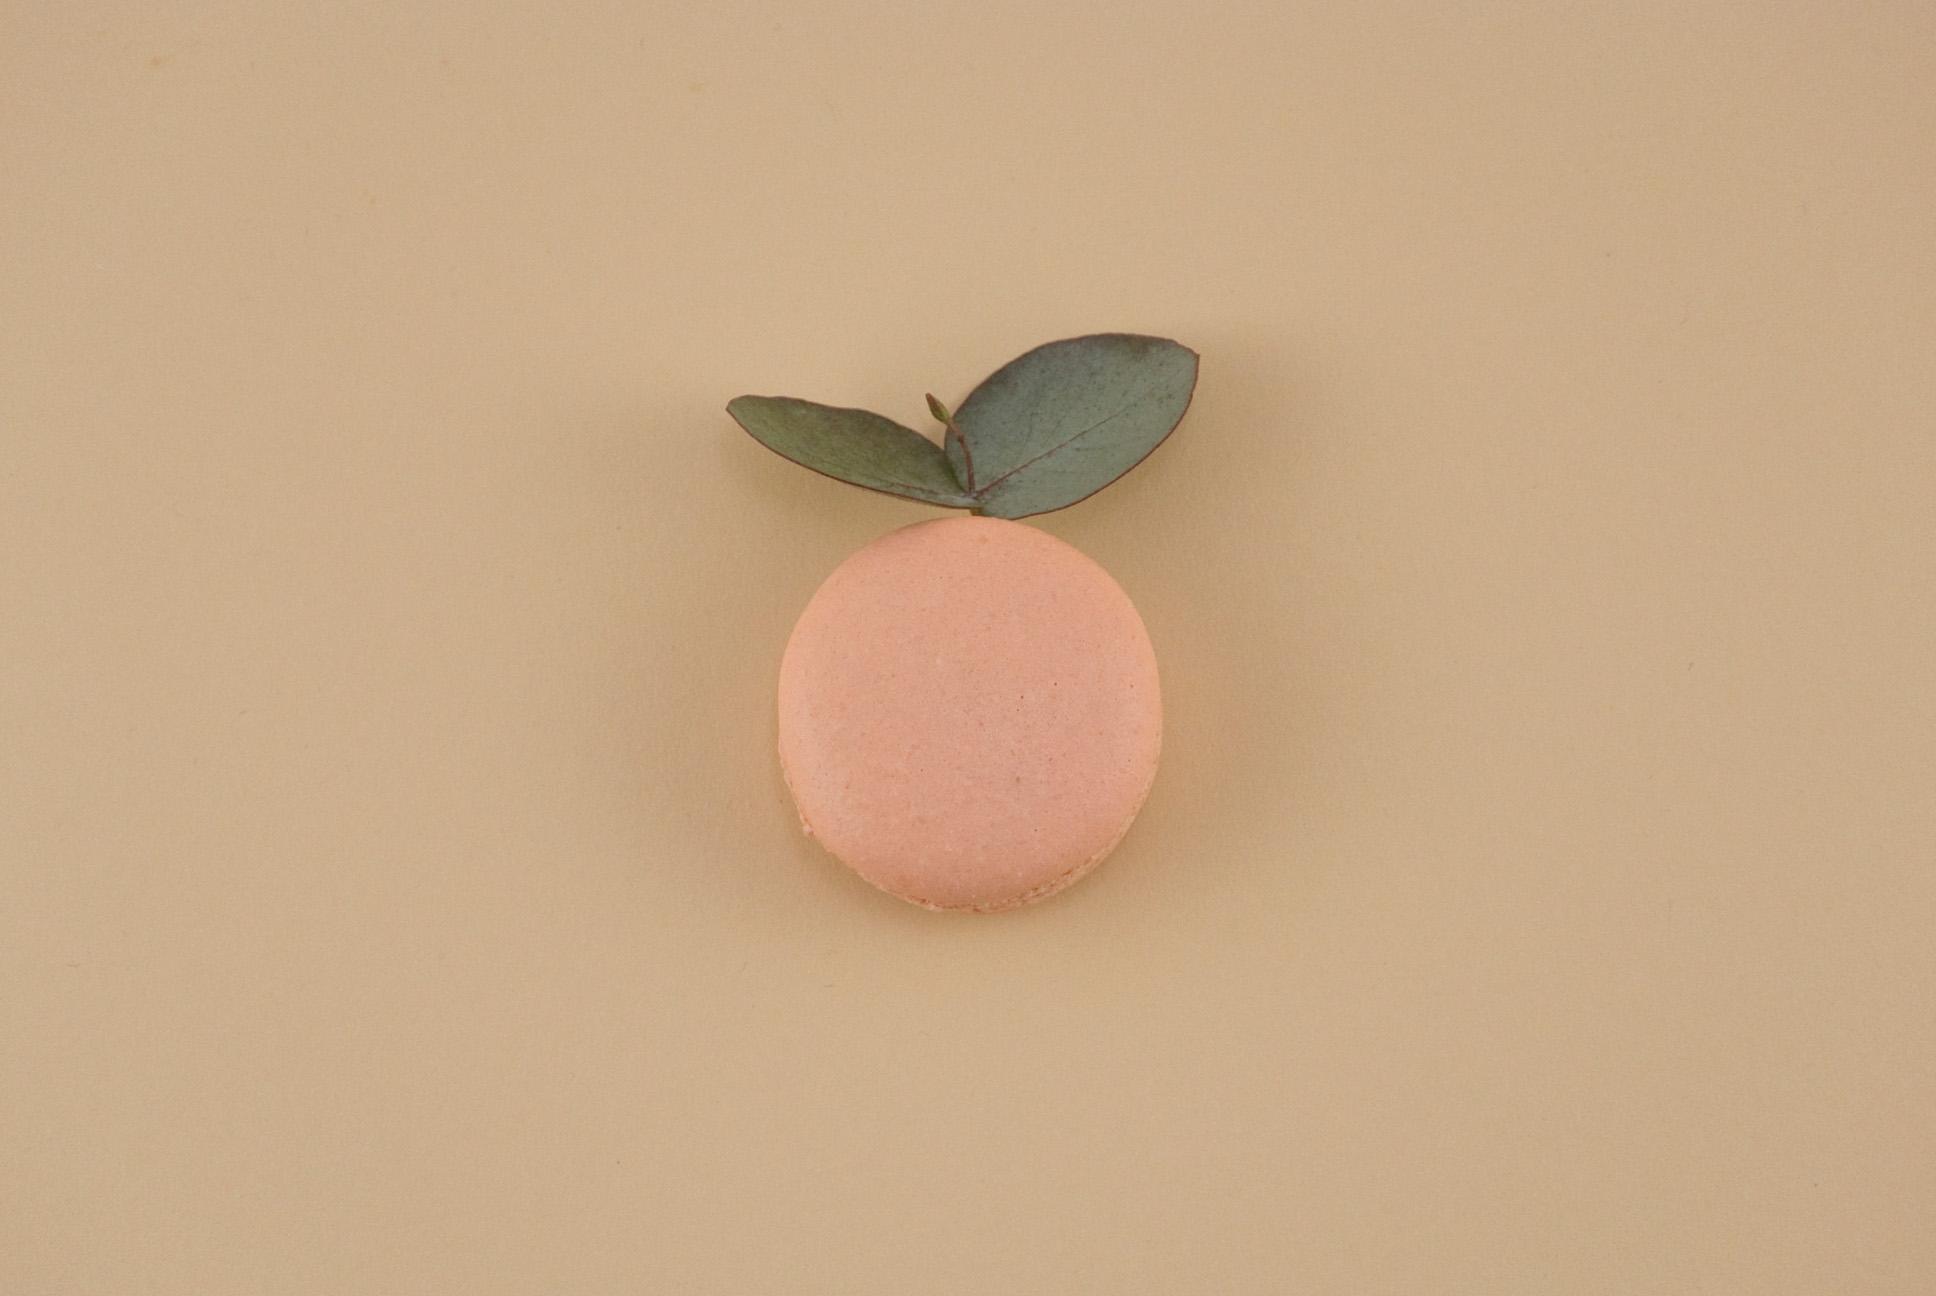 La petite Bellerose, Macaron Fruechtchen